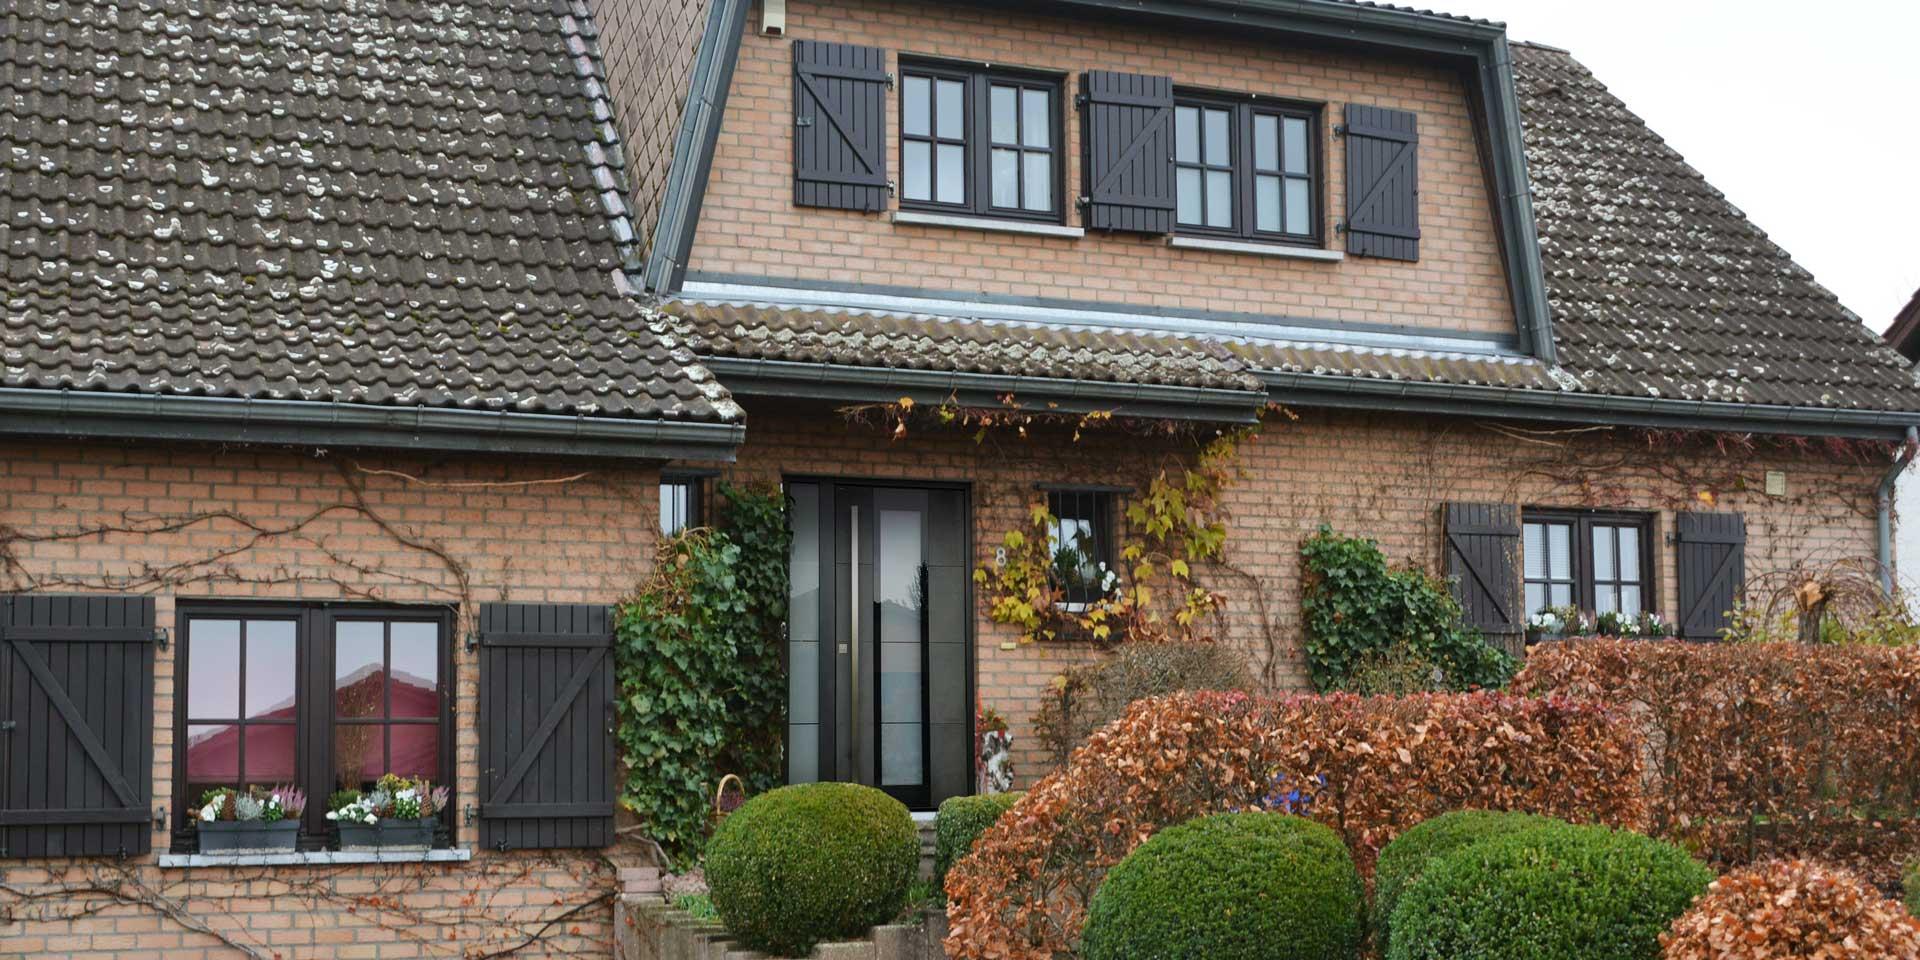 Einfamilienhaus mit Steinfassade mit einer grauen Coplaning Keramik Haustür.